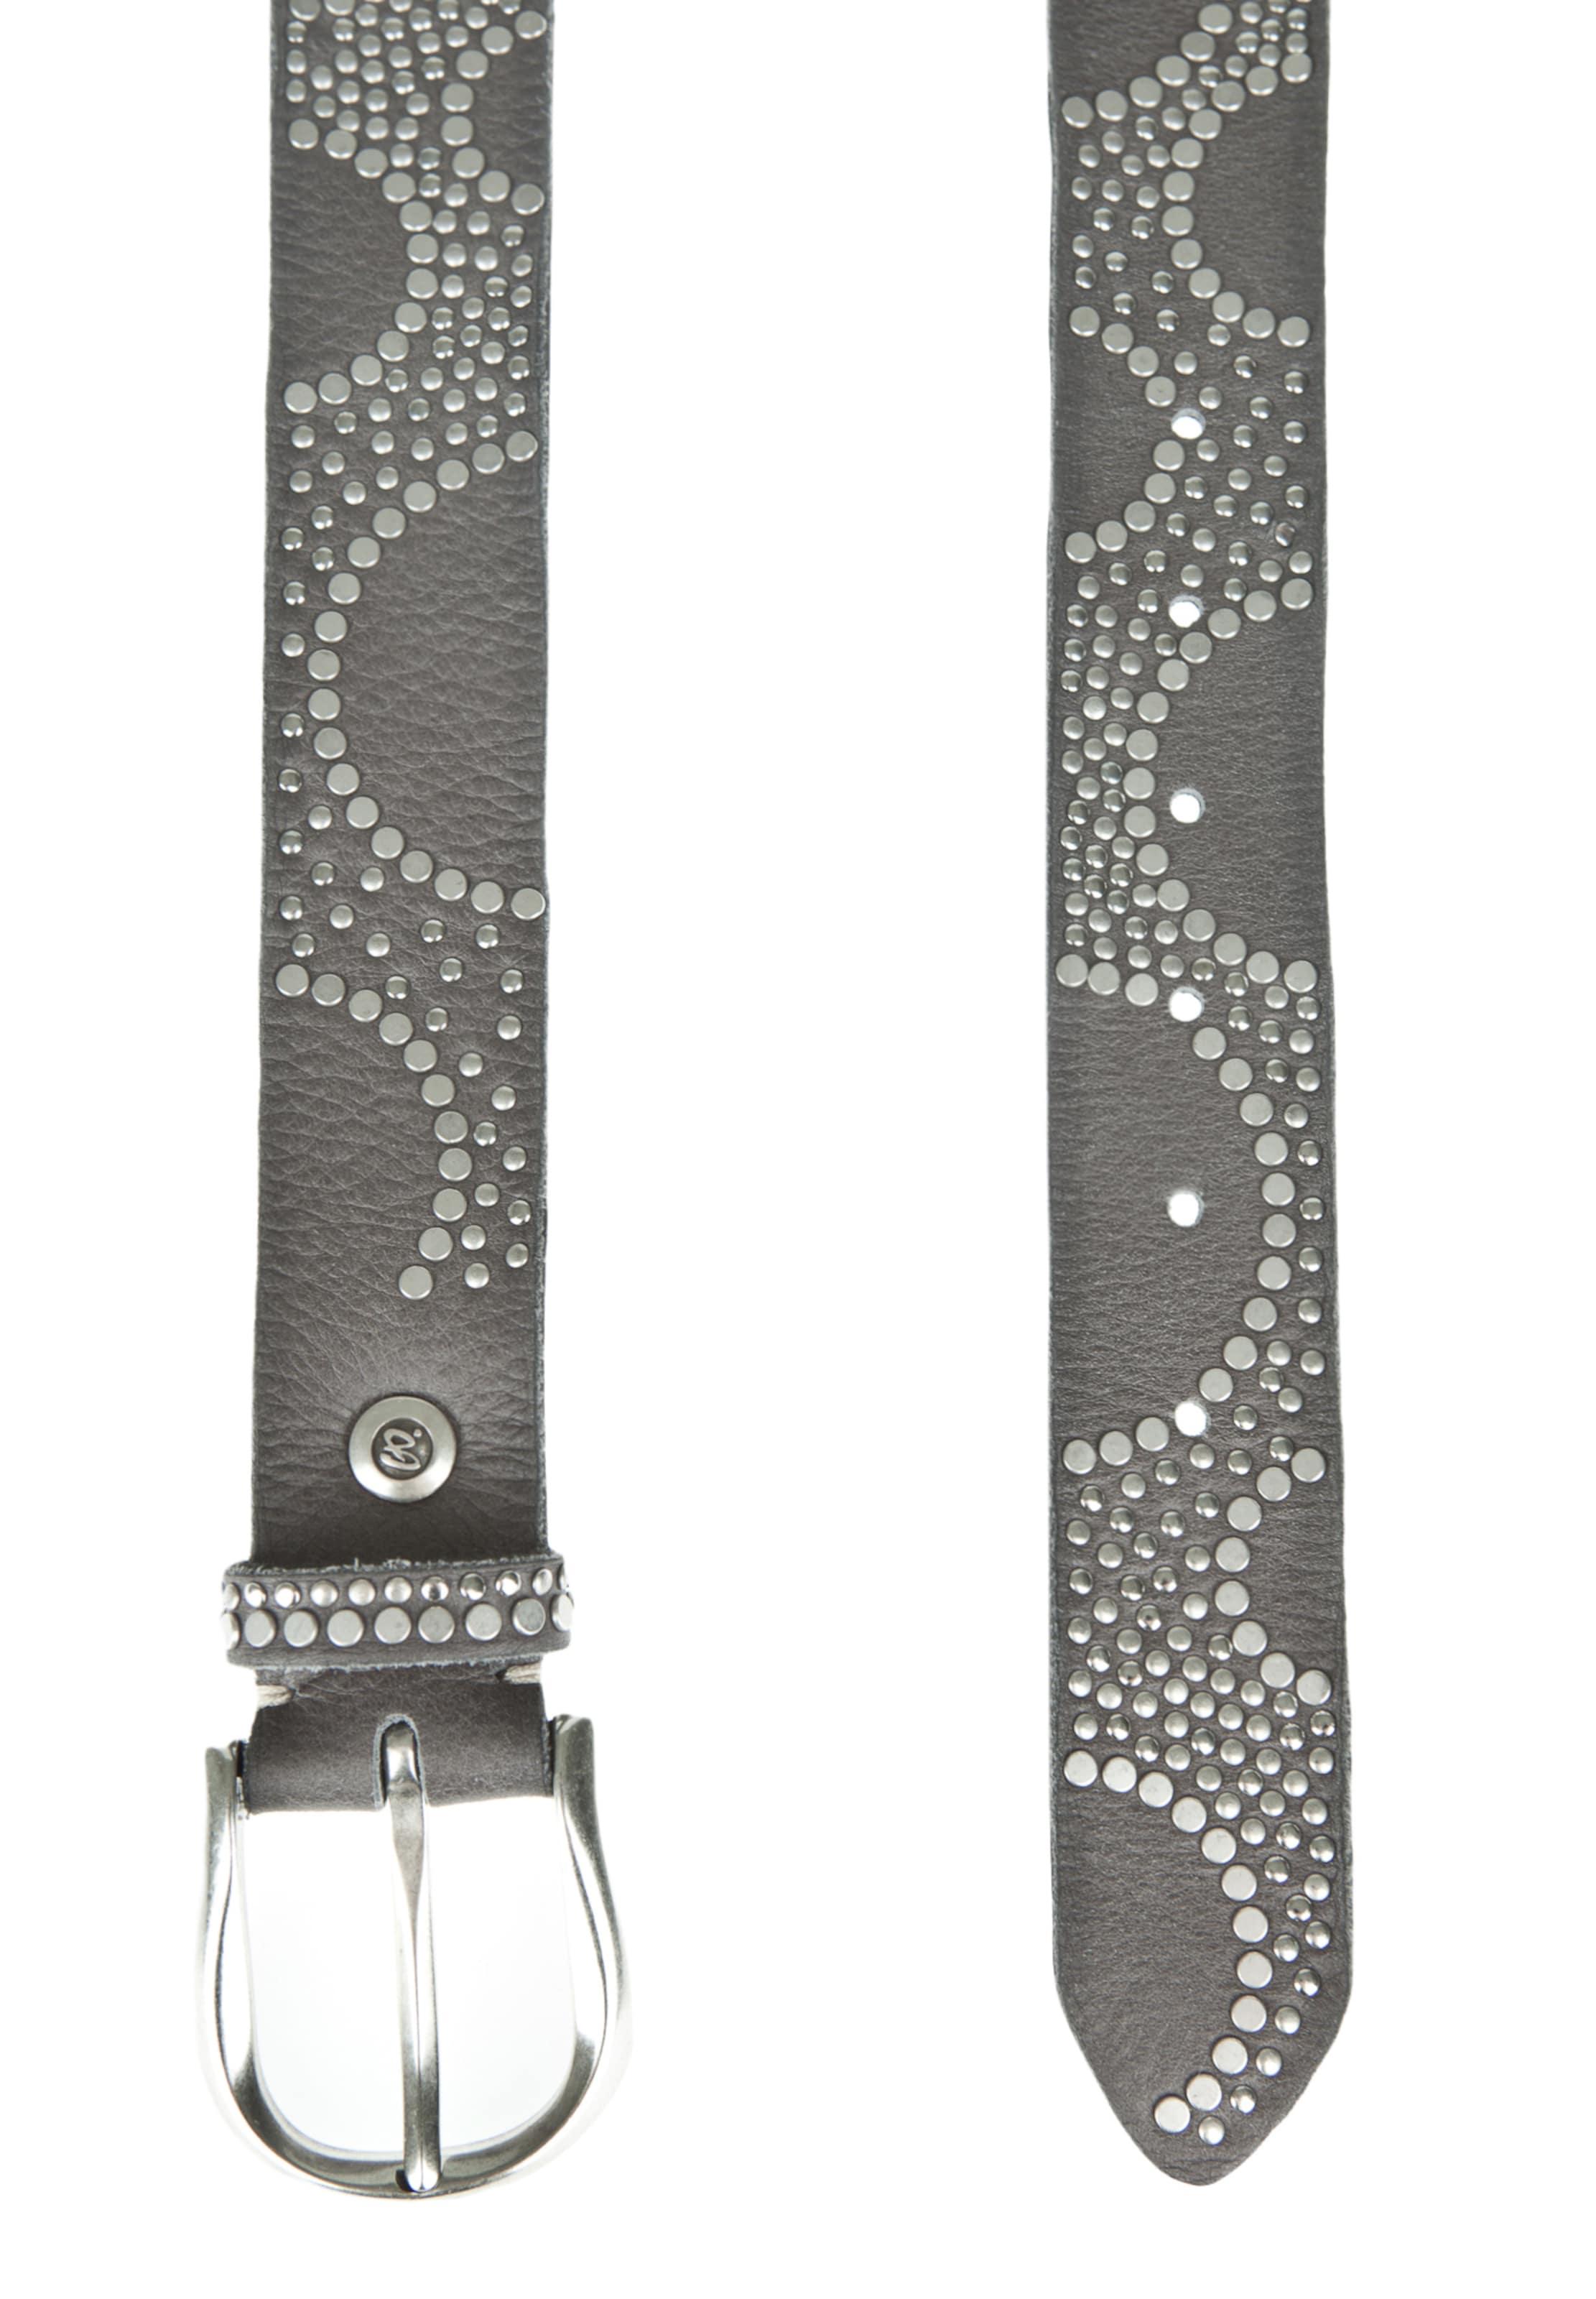 b.belt Handmade in Germany Ledergürtel mit aufwändigem Nietenbesatz Nagelneu Unisex Zum Verkauf eXu3vN